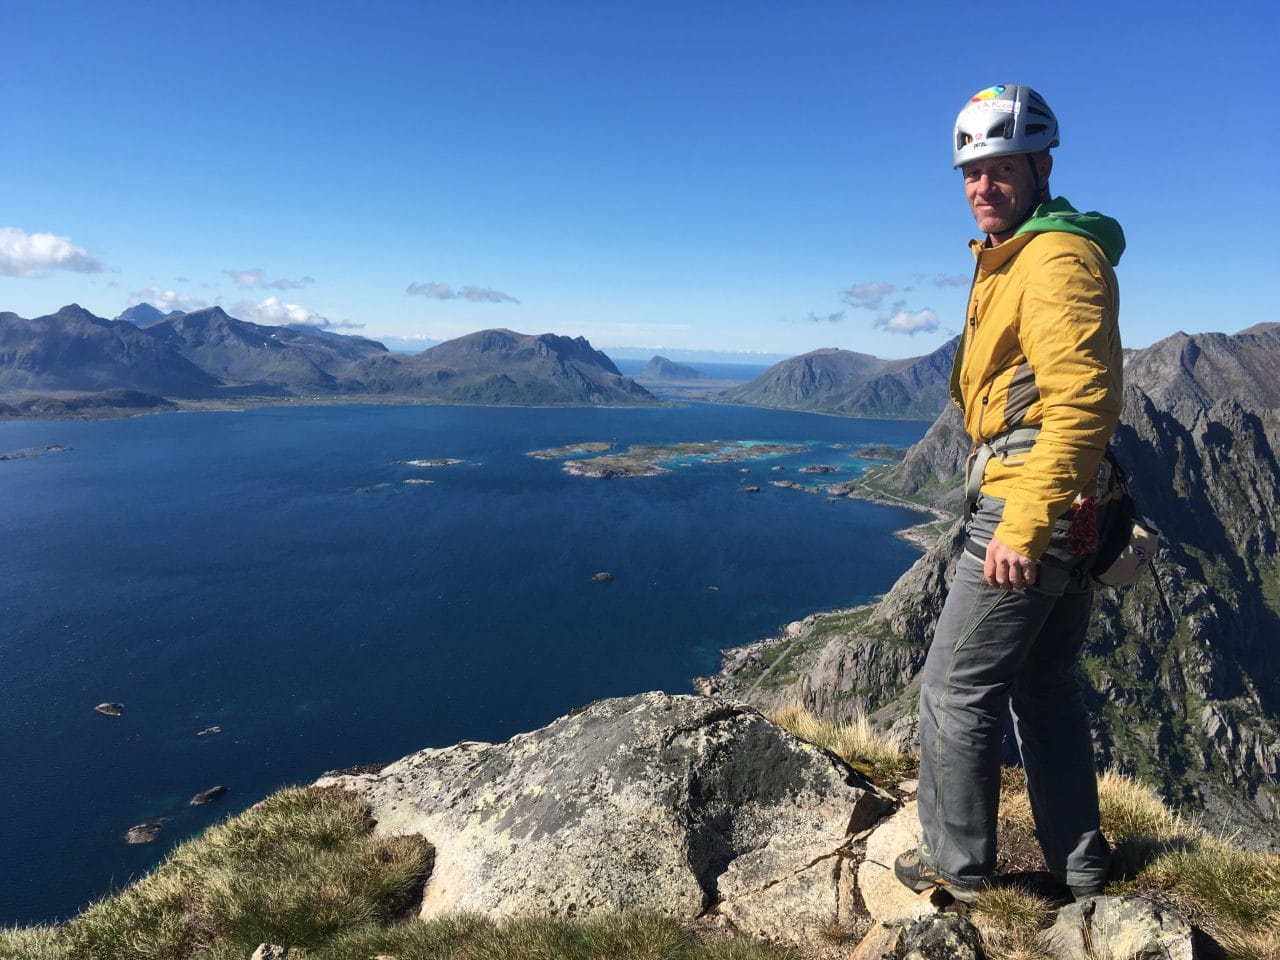 lofoten-norvege-escalade-voyage-helyum-yann-nussbaumer-8